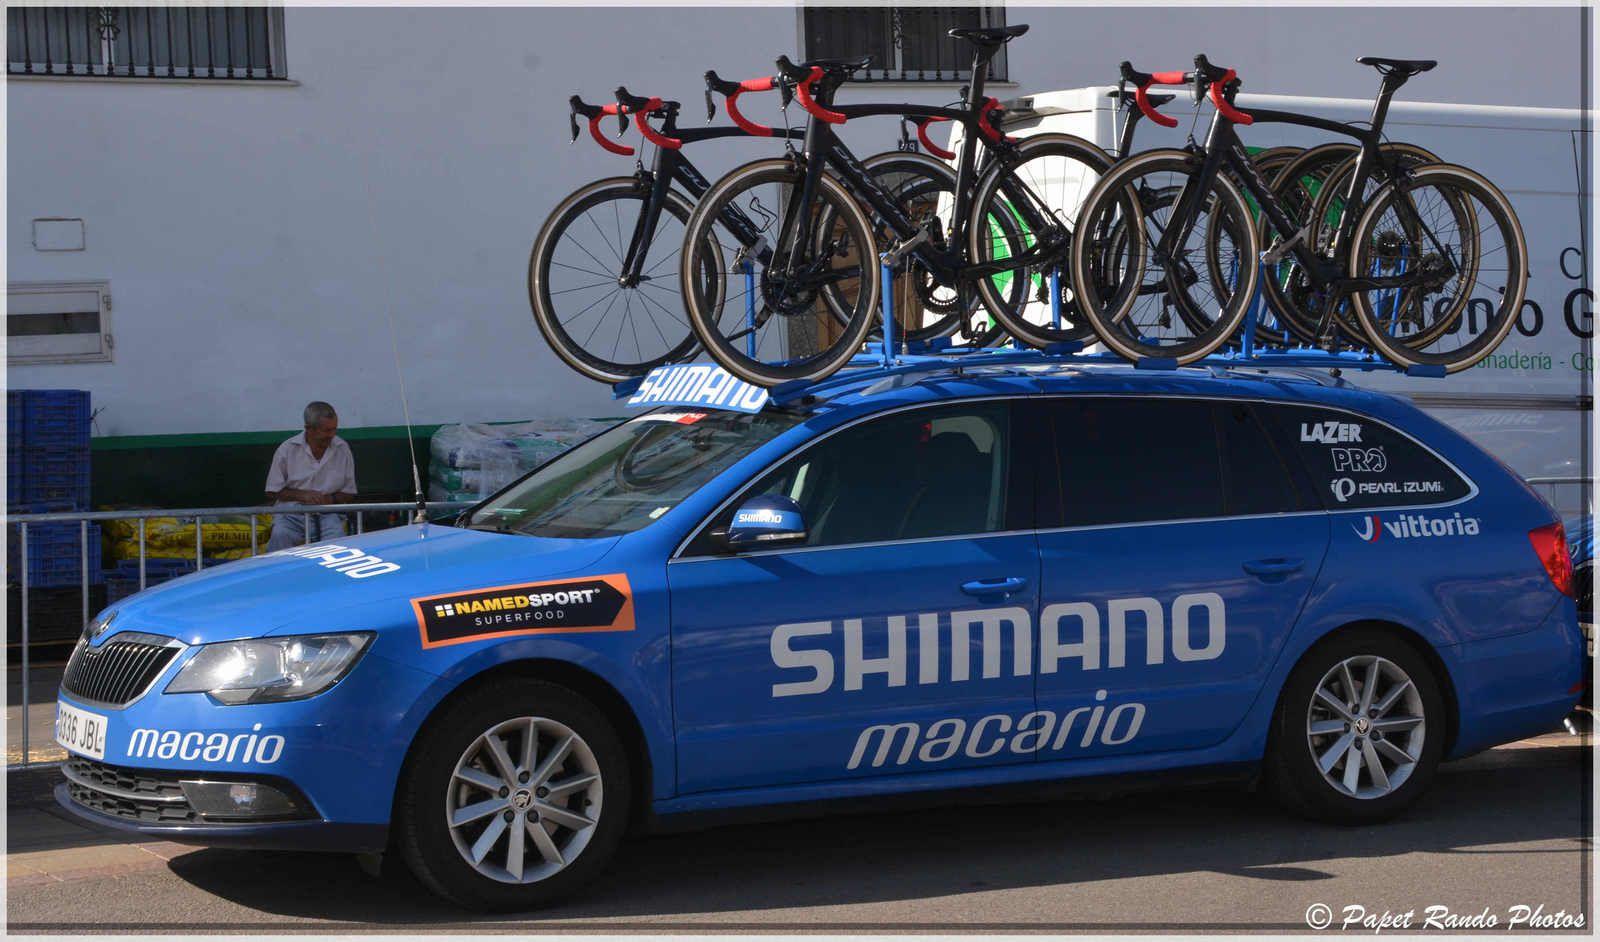 Un petite semaine sur la Vuelta 2017, en Andalucia, Coin, Marbella, etc sous un beau soleil  38° CHAUD CHAUD ( merci a  notre chauffeur Miguel, sans qui rien de possible, des Amis super sympa ) )